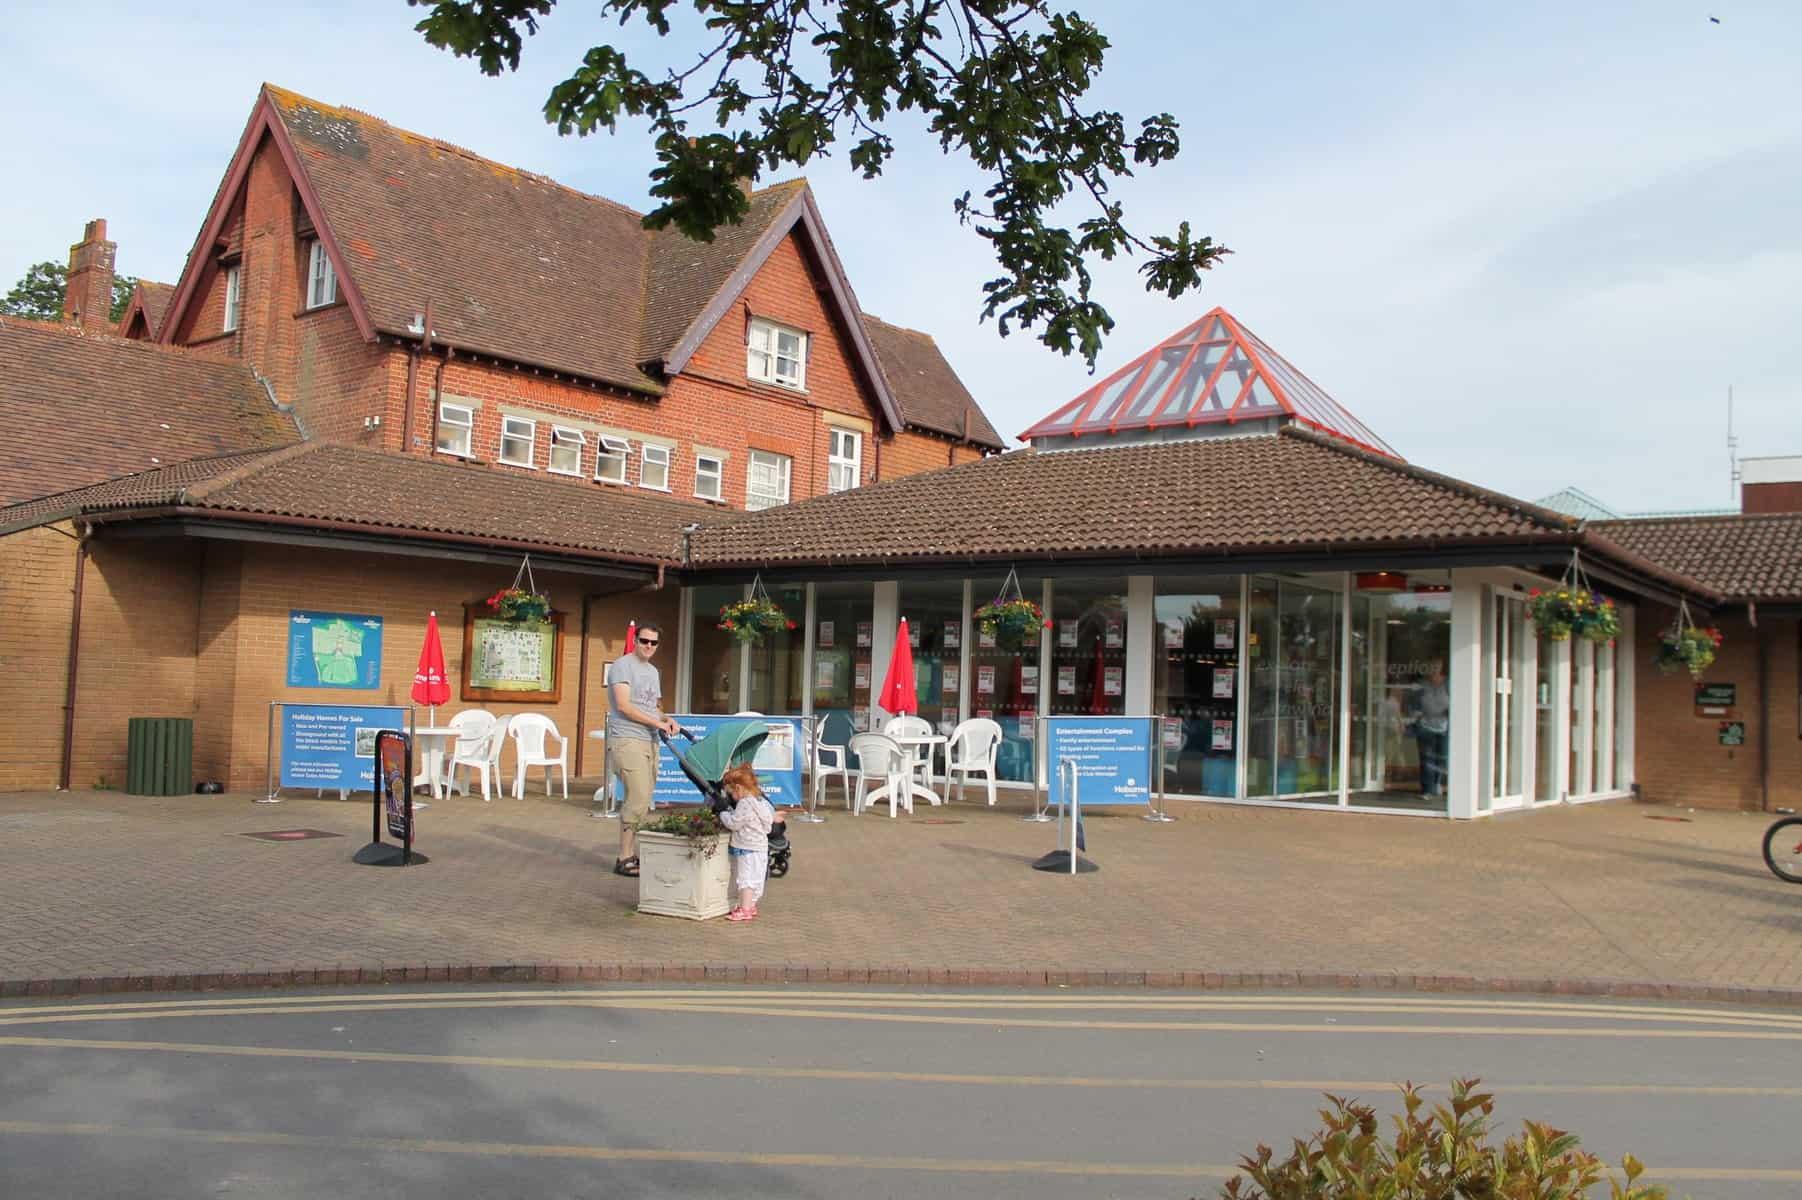 Review: Hoburne Bashley Holiday Park - Hampshire